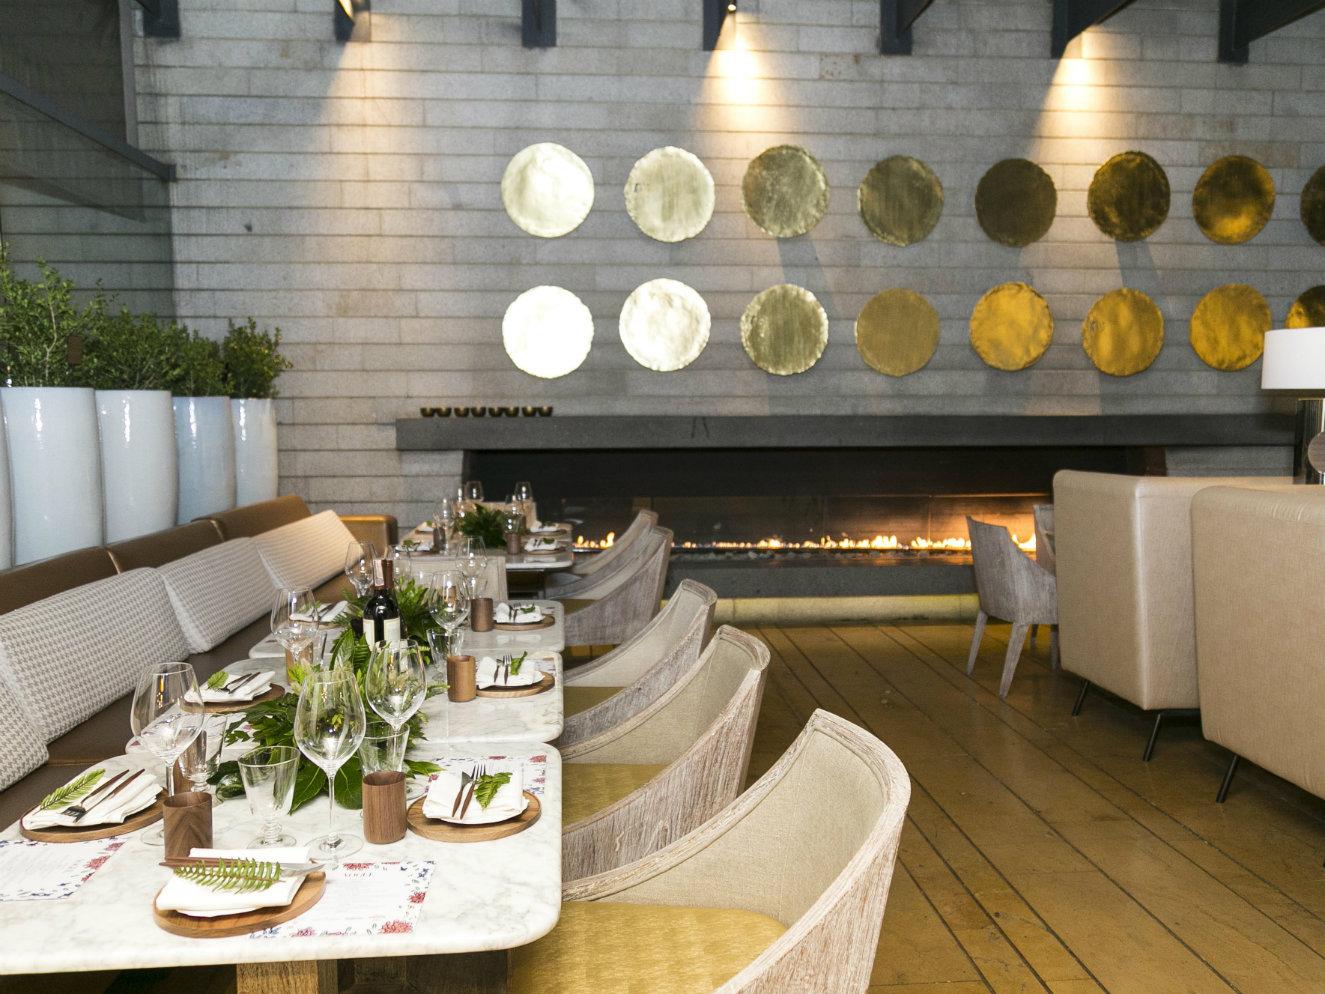 El restaurante FROM, del chef Ramón Freixa. Fotografía: cortesía, B.O.G. Hotel.